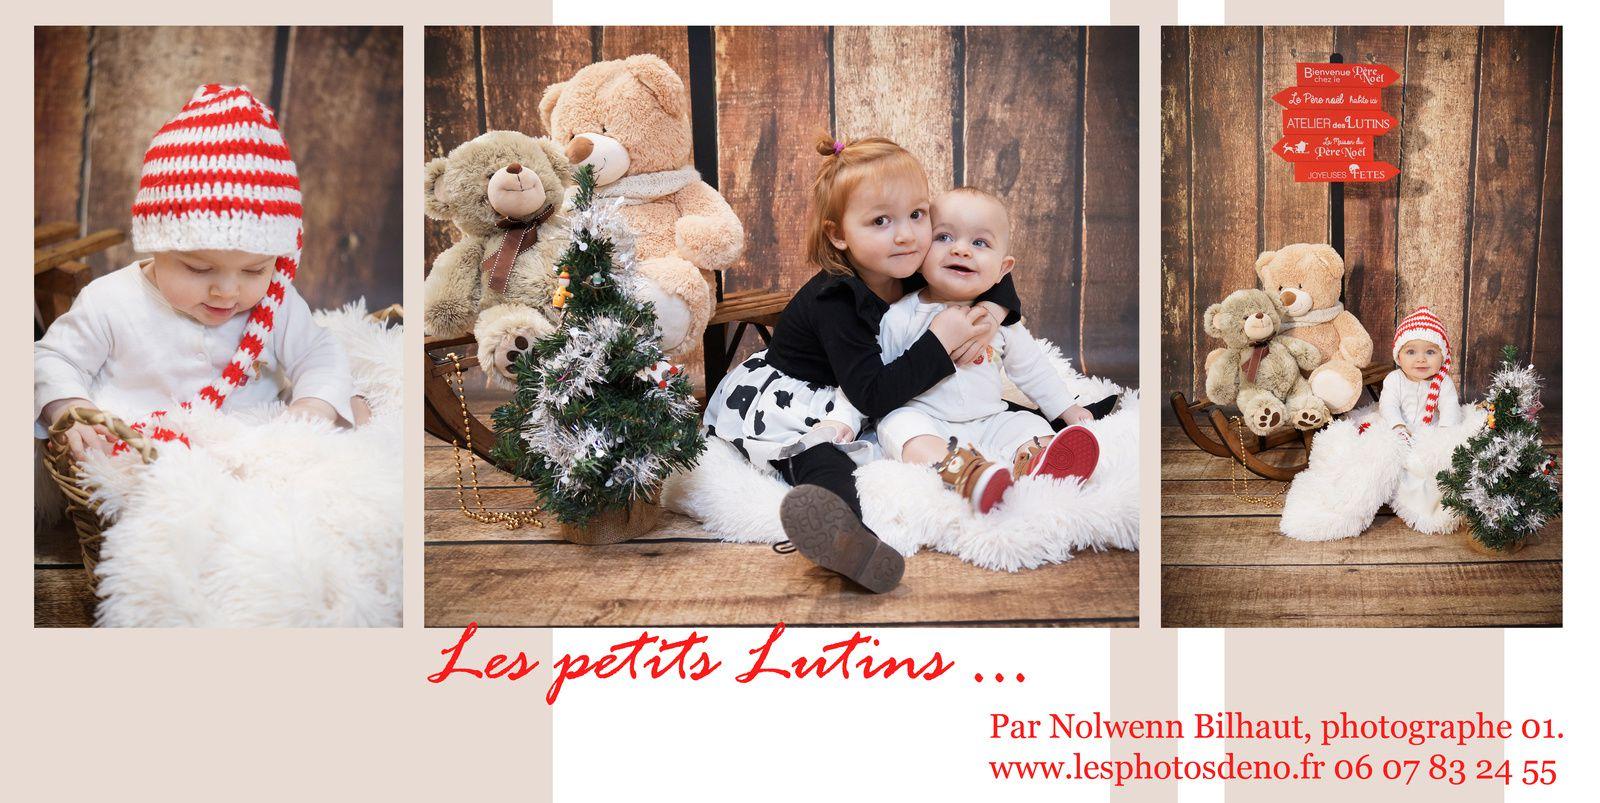 Portraits de Noël Ain, Séance photo album pour les Grands Parents, à Bohas-Meyriat-Rignat par Nolwenn Bilhaut.